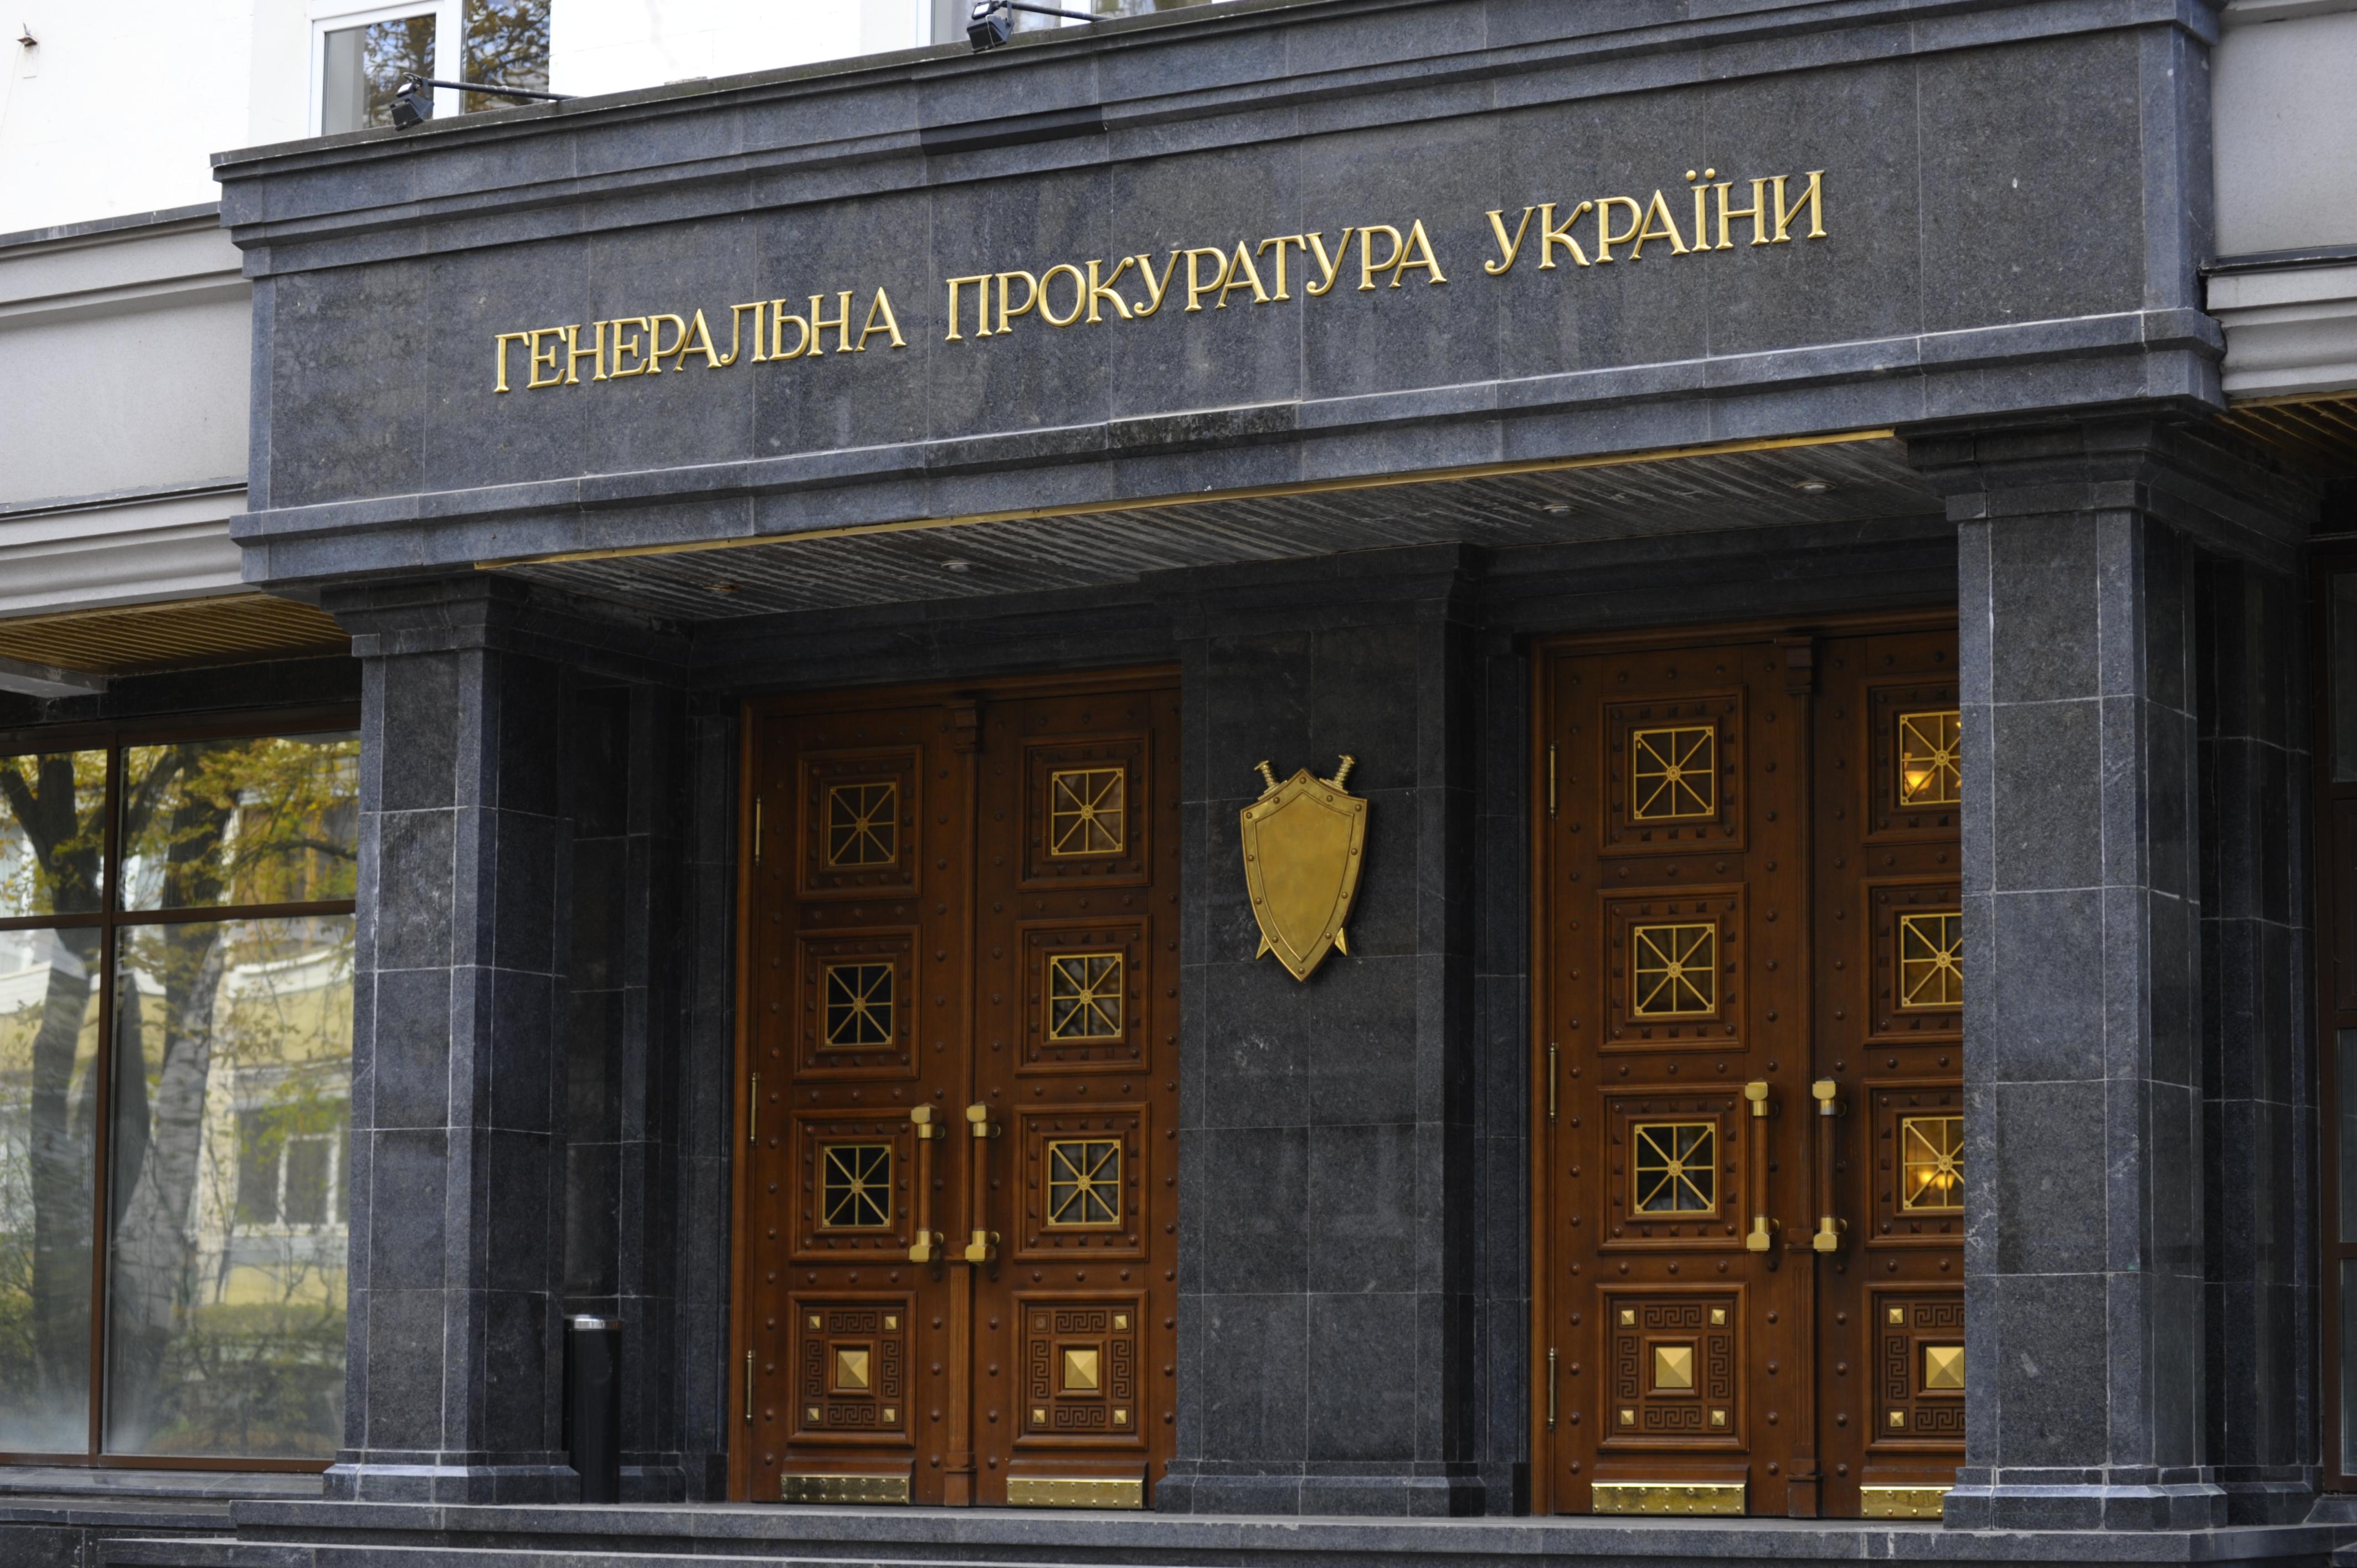 В Украине хотят наказать японских журналистов, которые посетили Крым